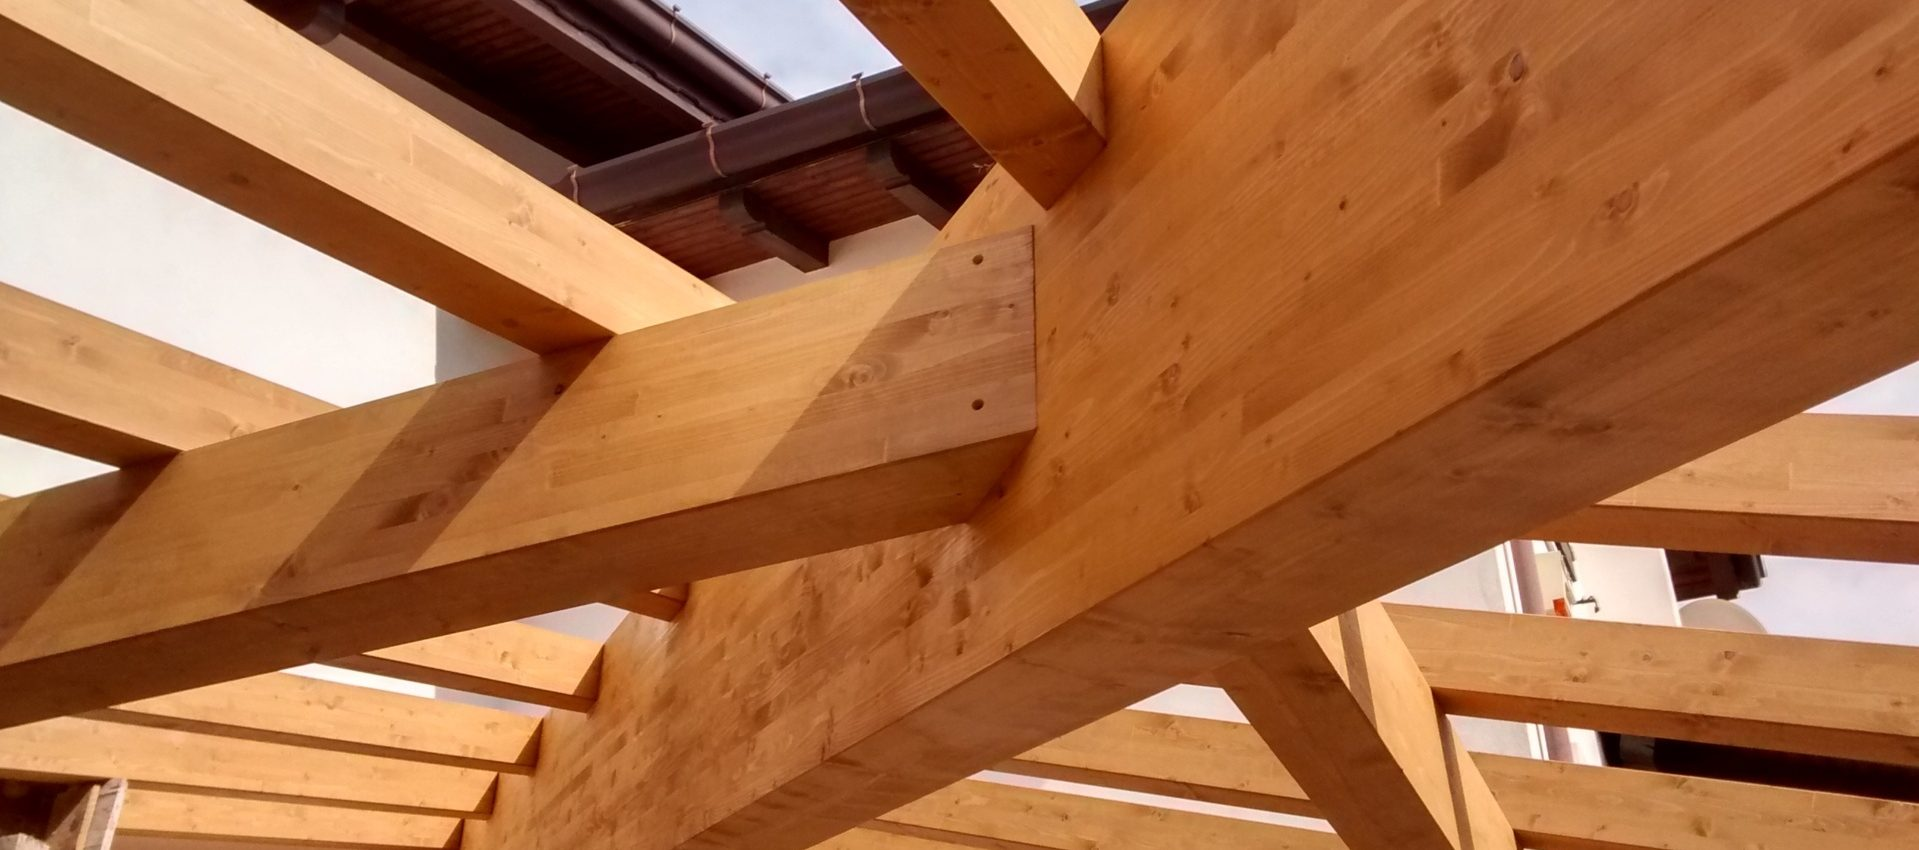 ampliamento legno Visome Bellunoampliamento legno Visome Belluno